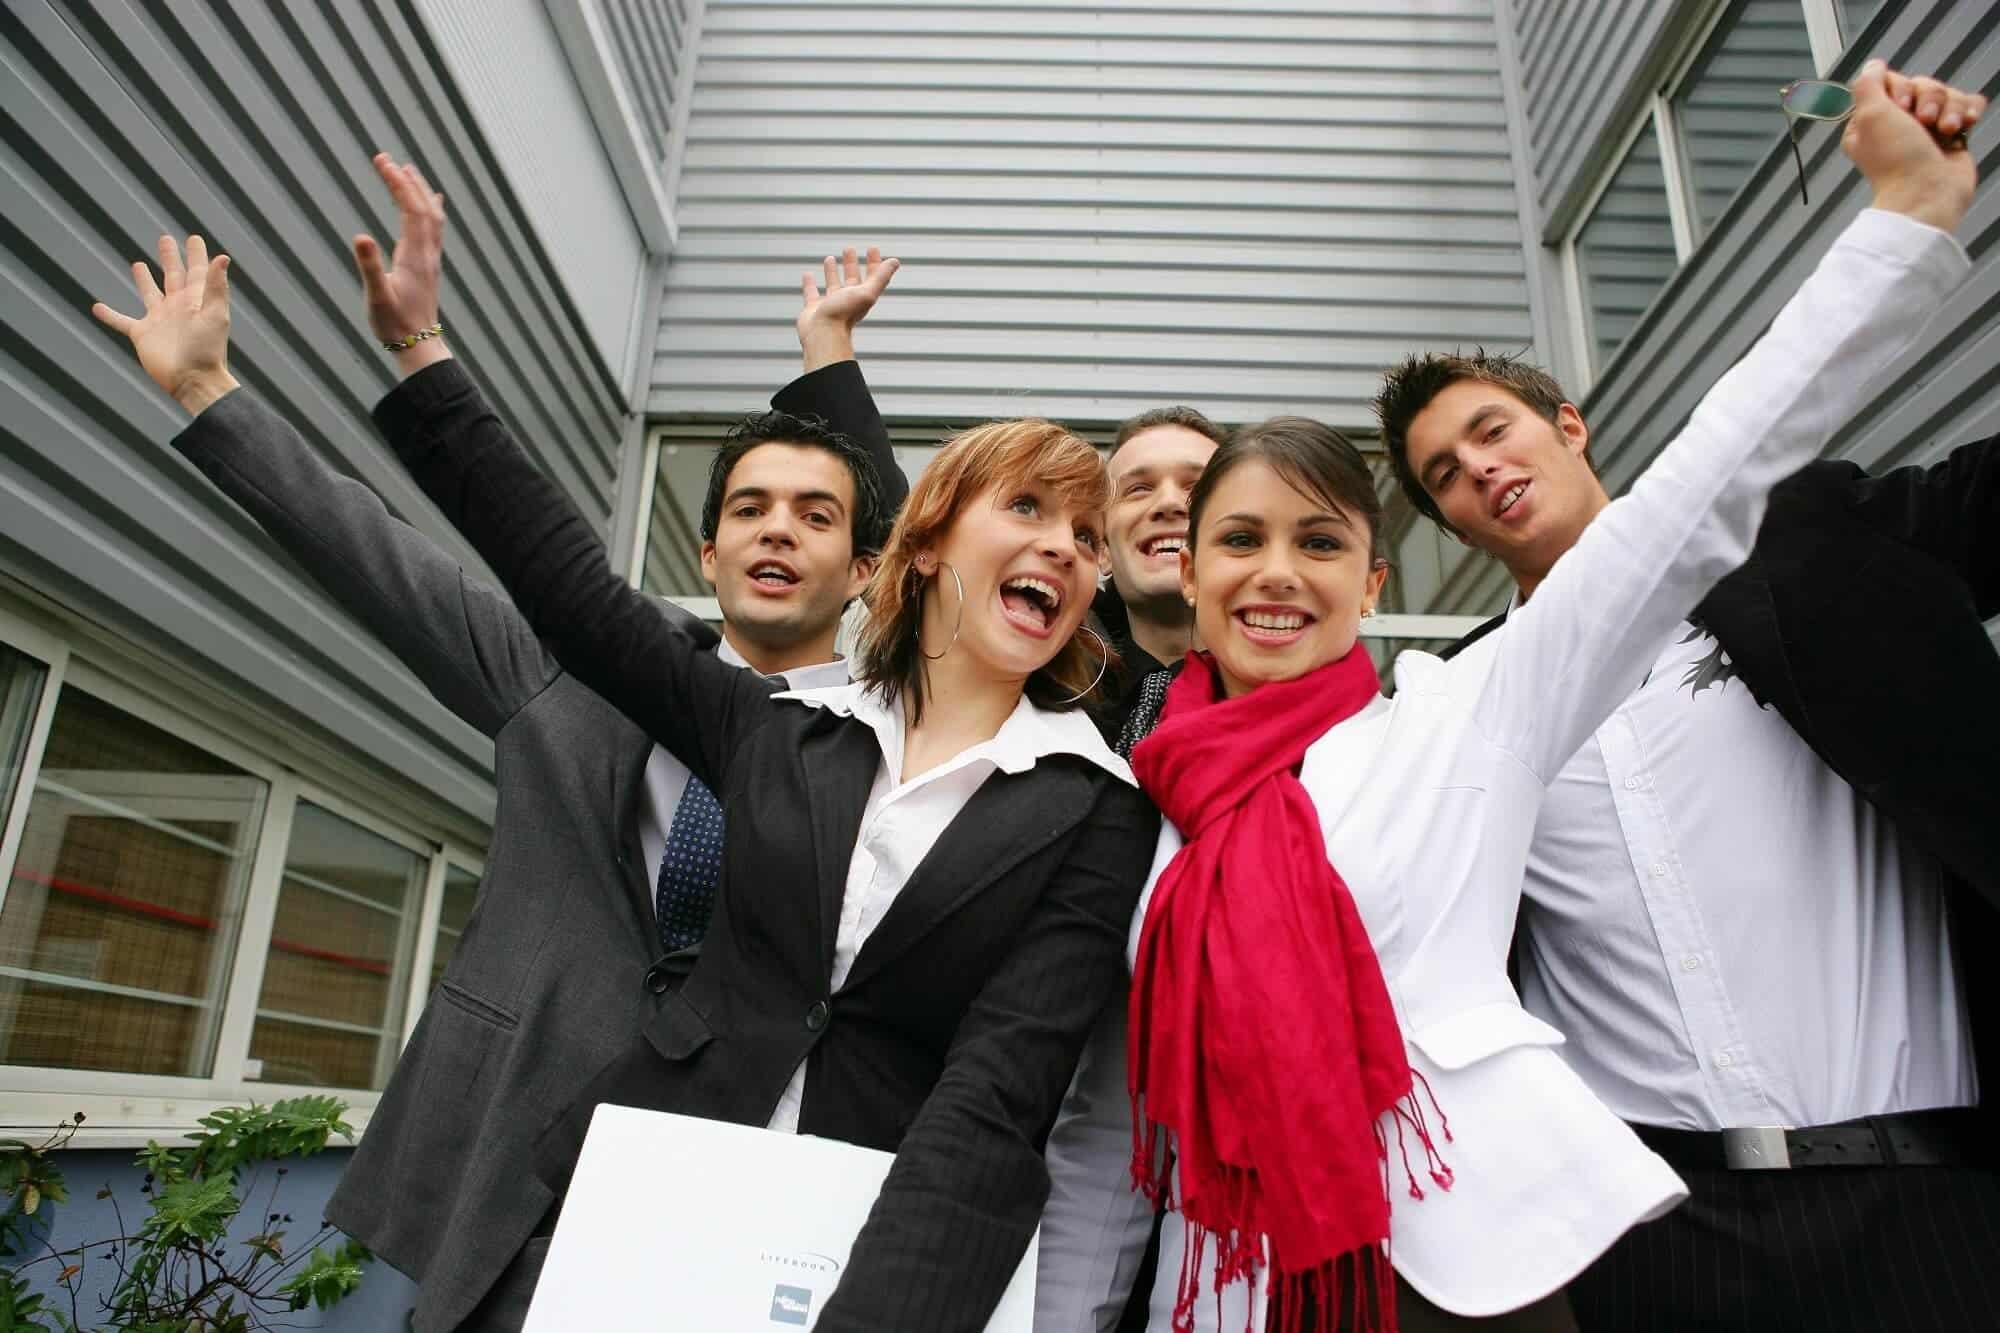 Seguros especiales para asociaciones. Grupo de jóvenes saludando